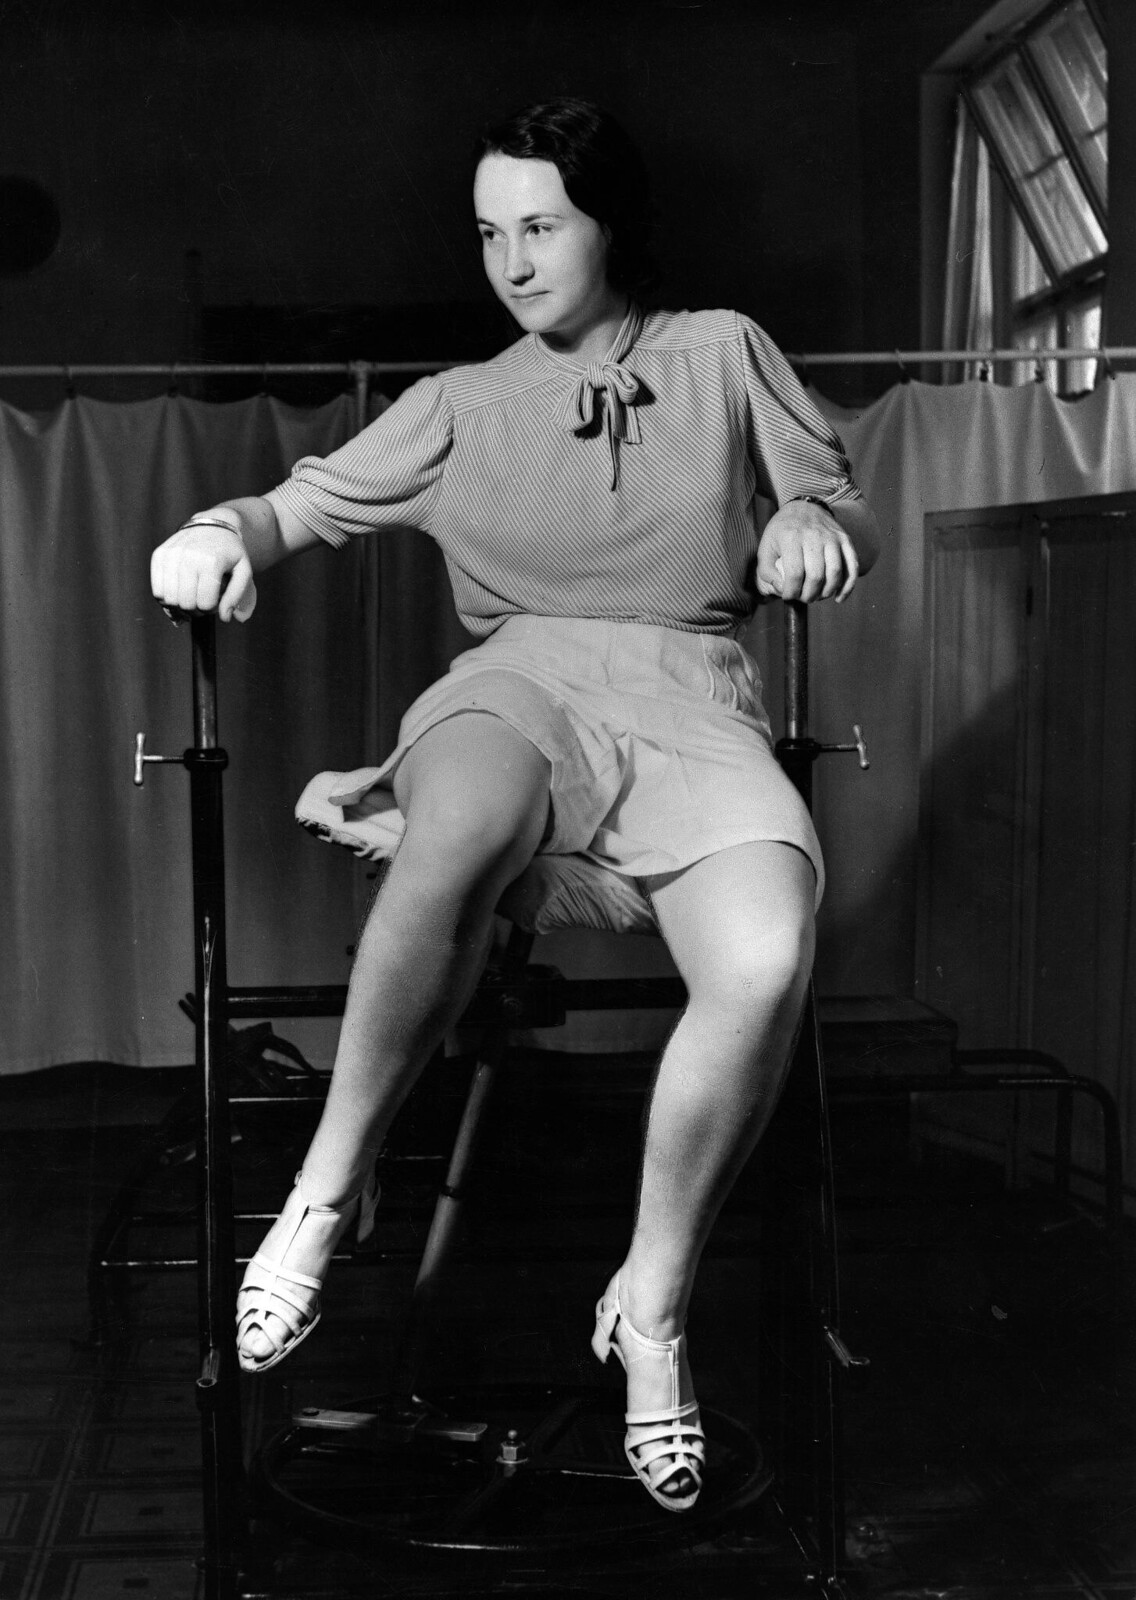 10. Женщина на тренажере для похудения